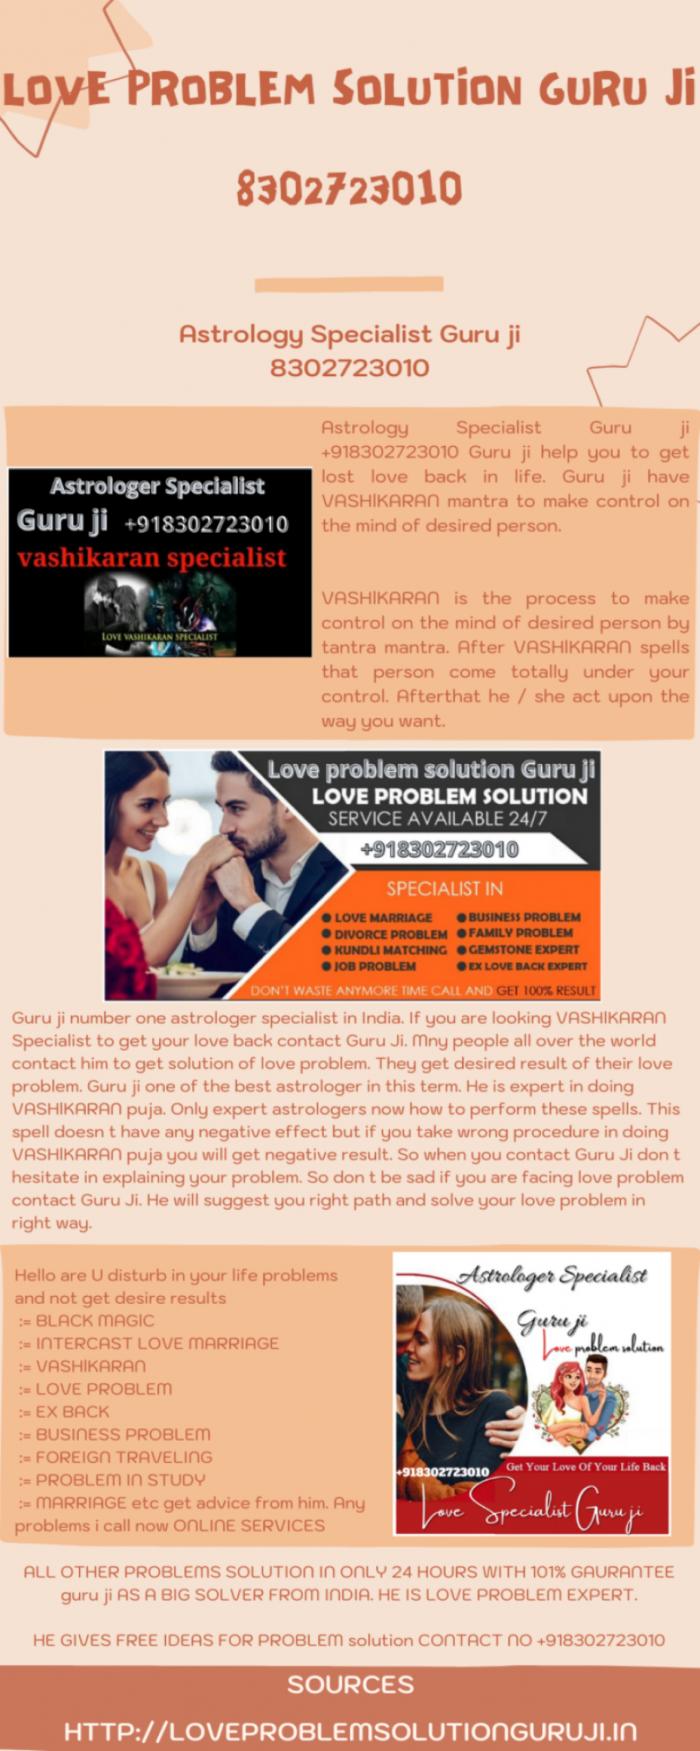 Love problem solution Guru ji 8302723010